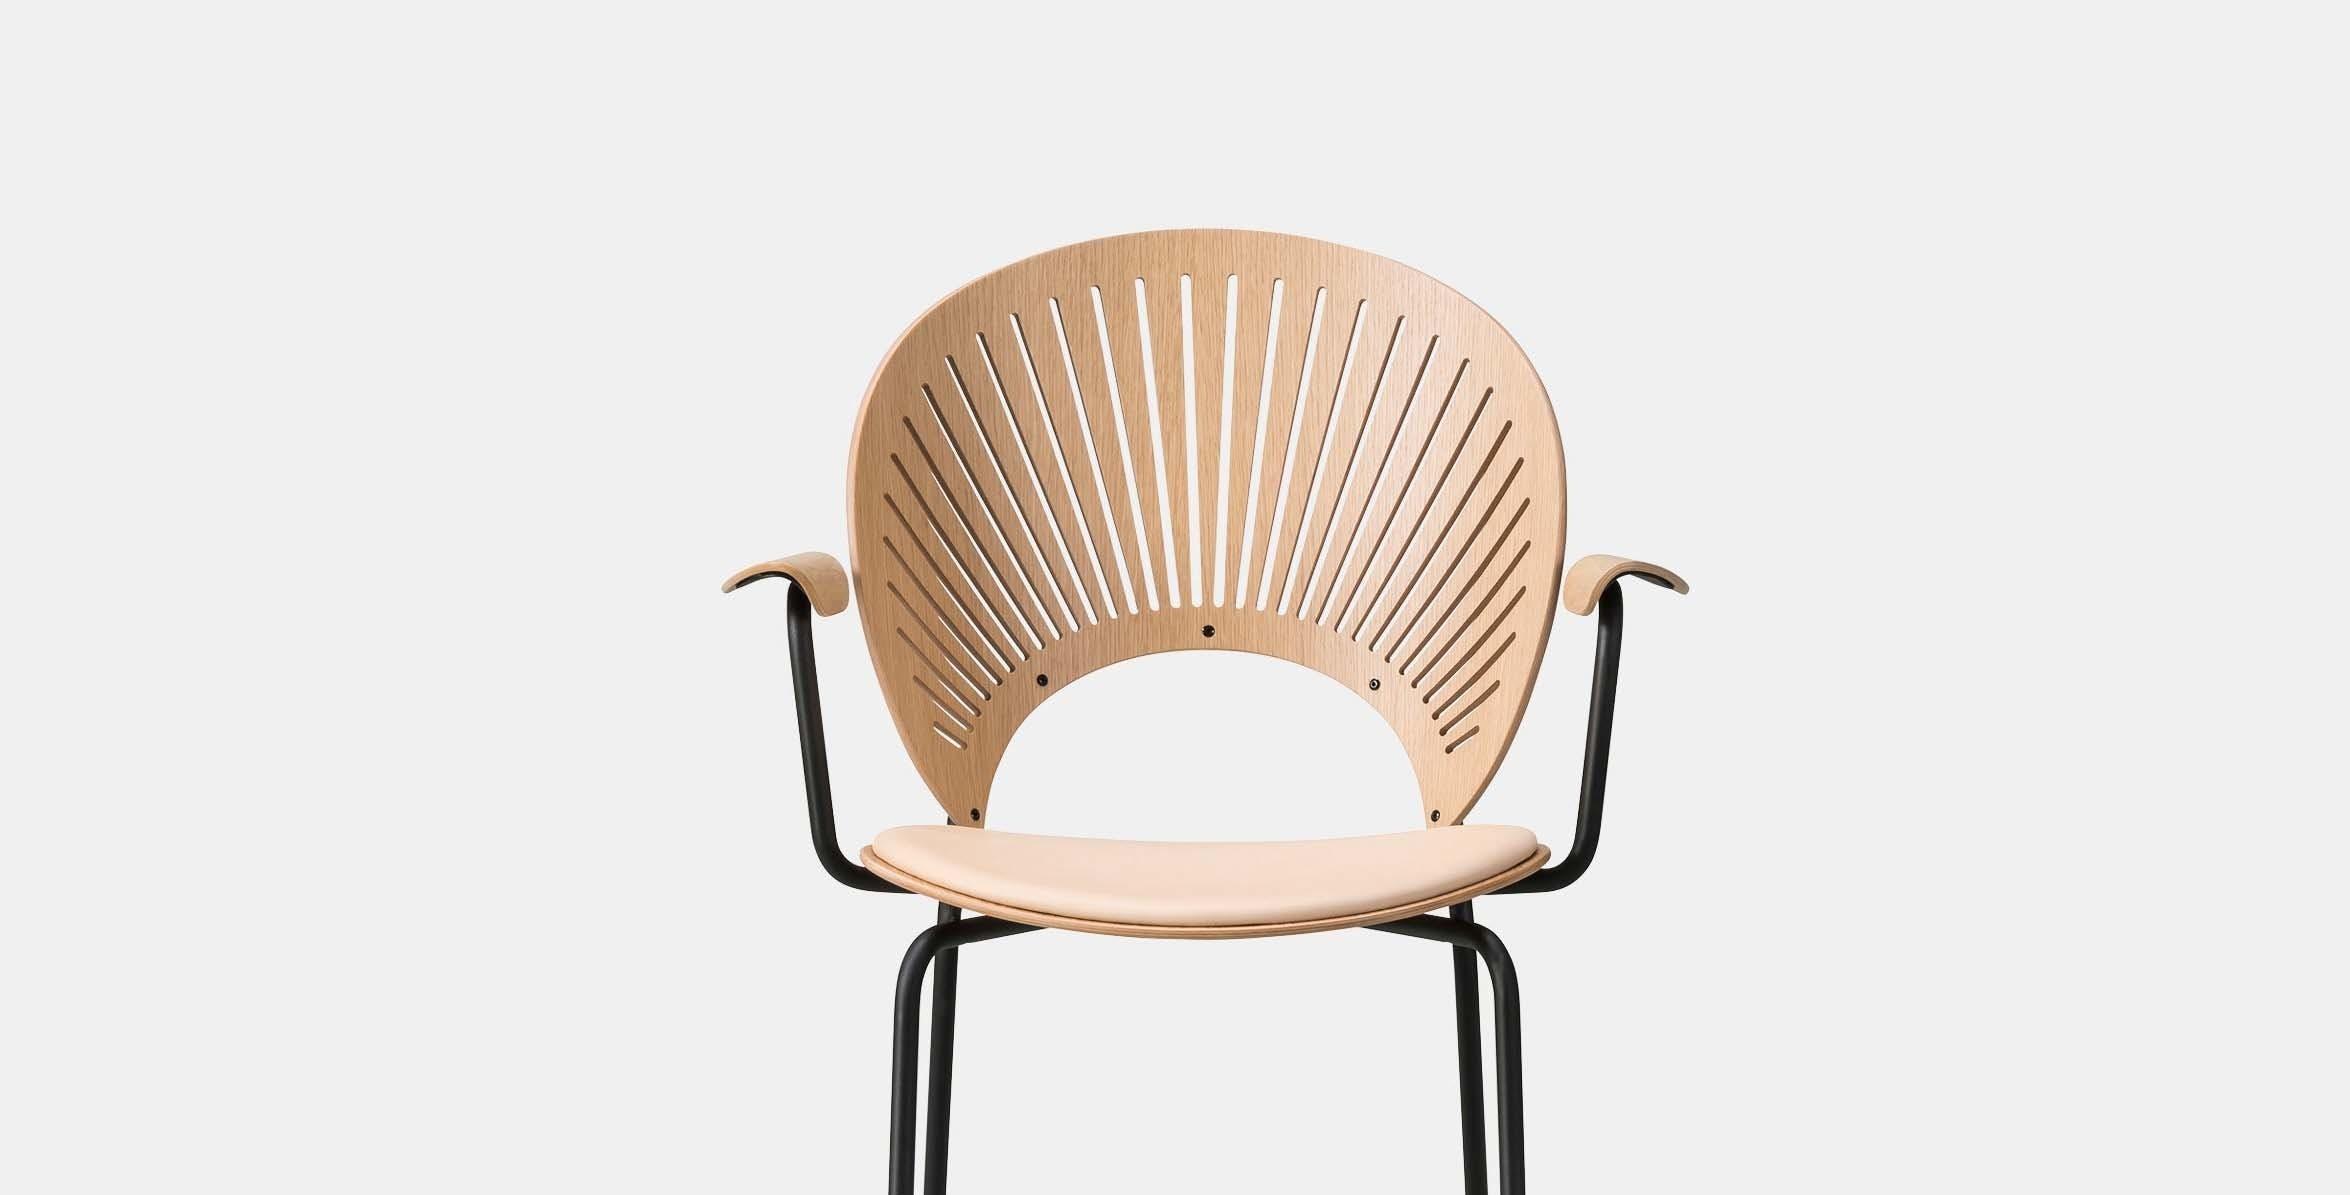 Designer Nanna Ditzel Jpg